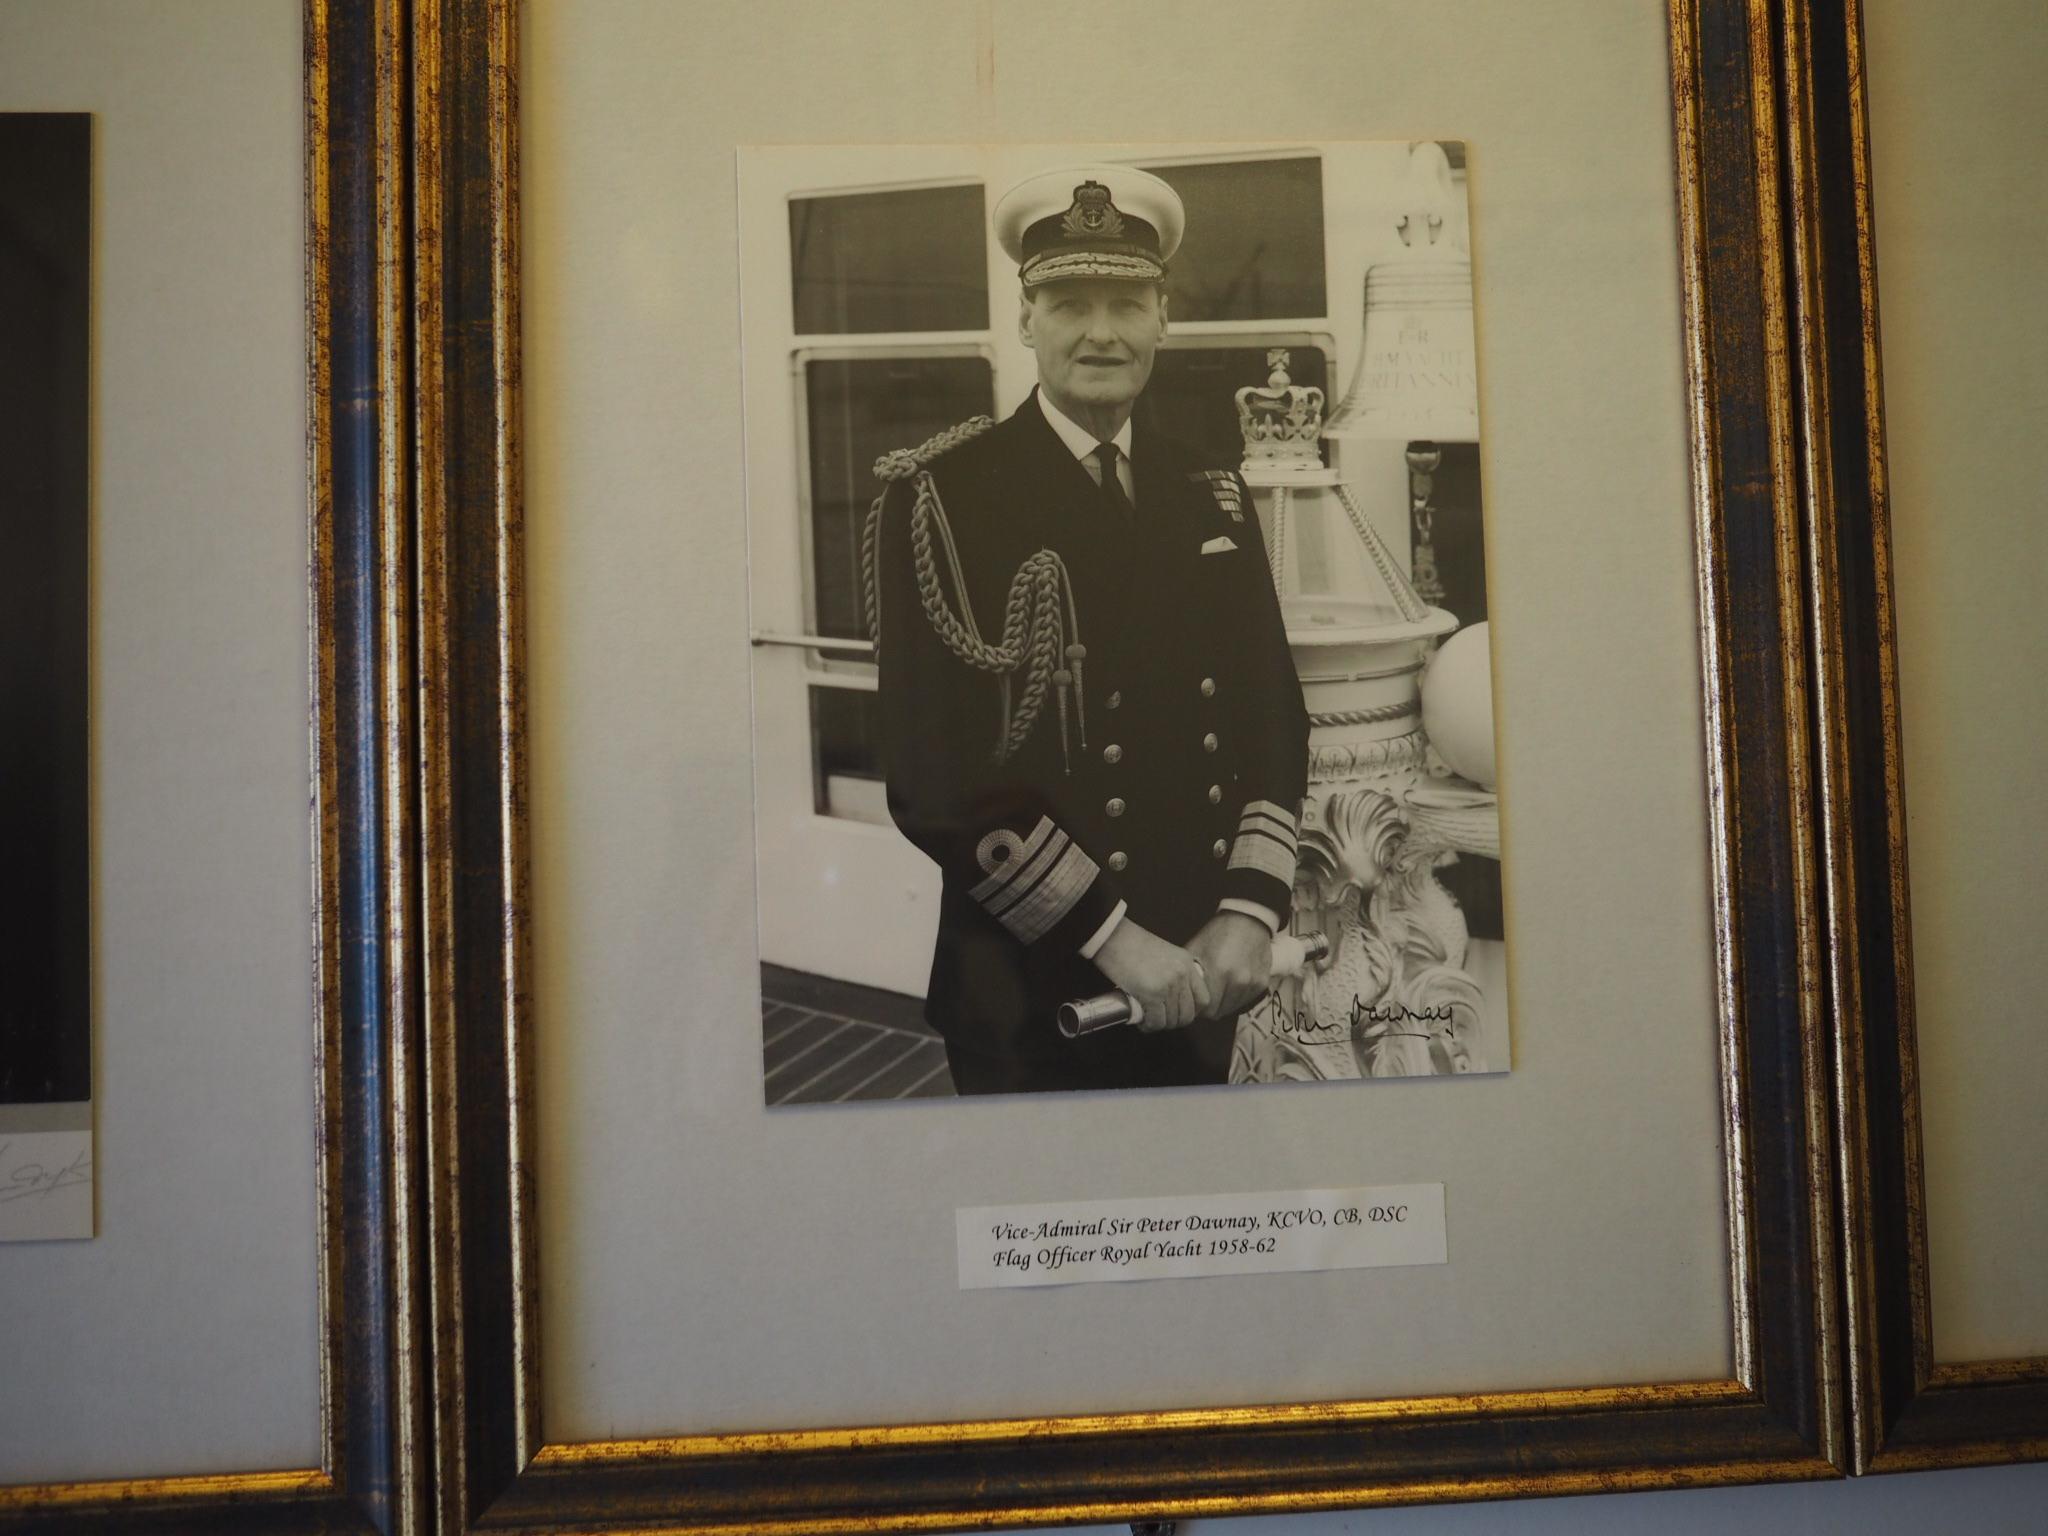 The-Royal-Britannia-photos